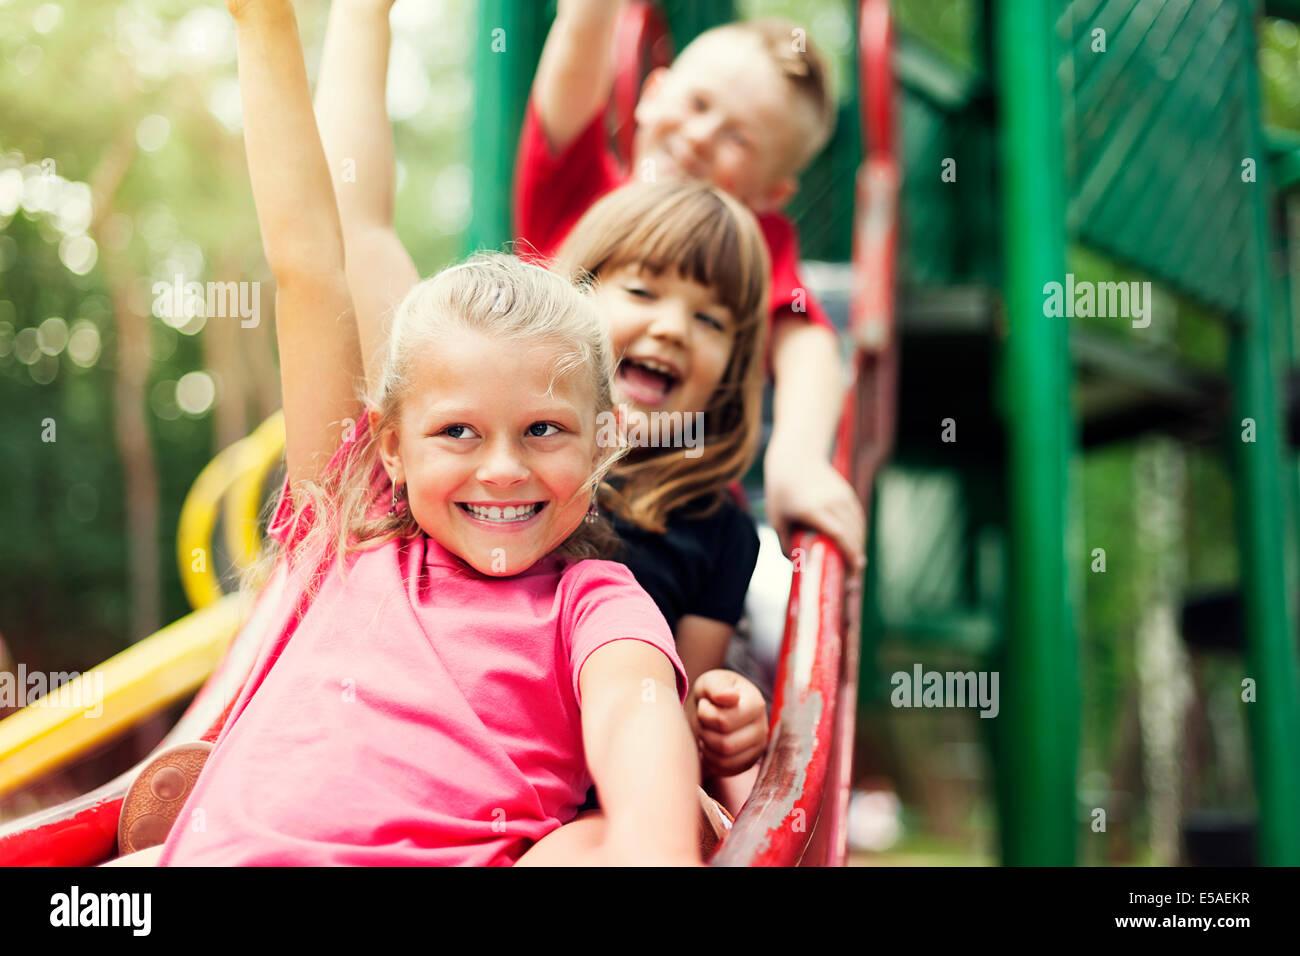 Los niños en la diapositiva, Debica, Polonia Imagen De Stock